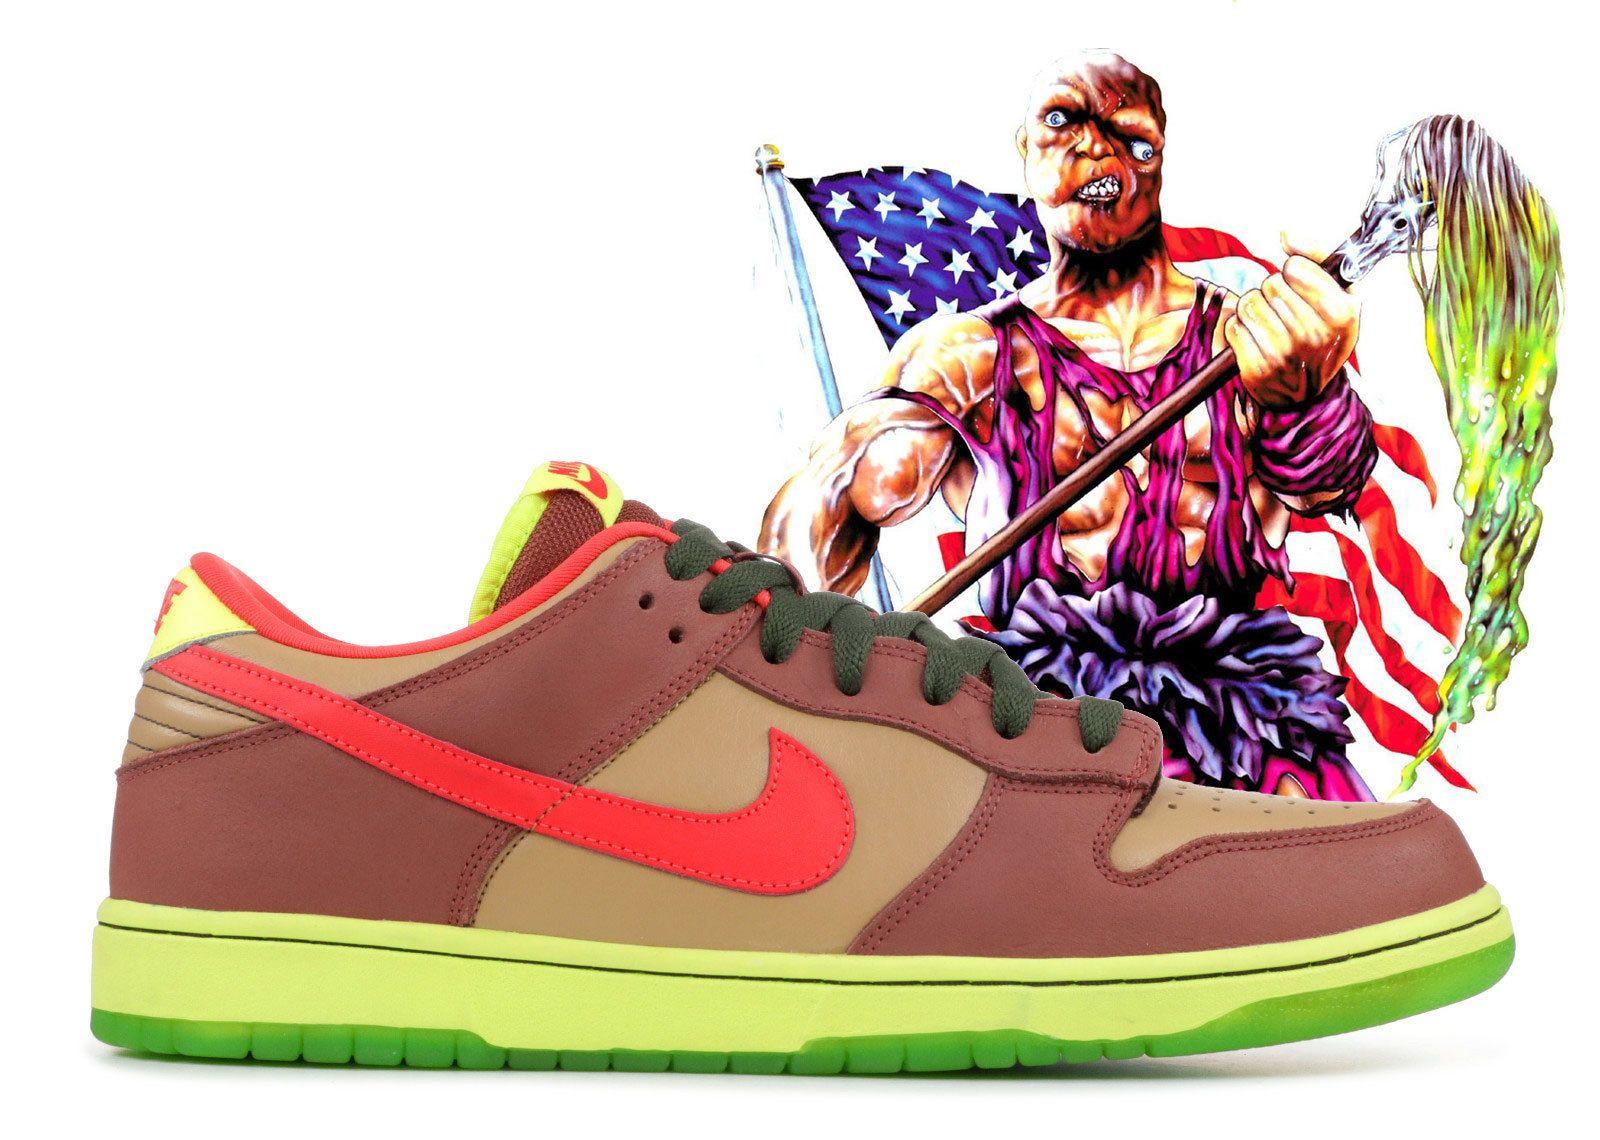 Nj Skate Shop X Nike Sb Dunk Low Toxic Avenger 2009